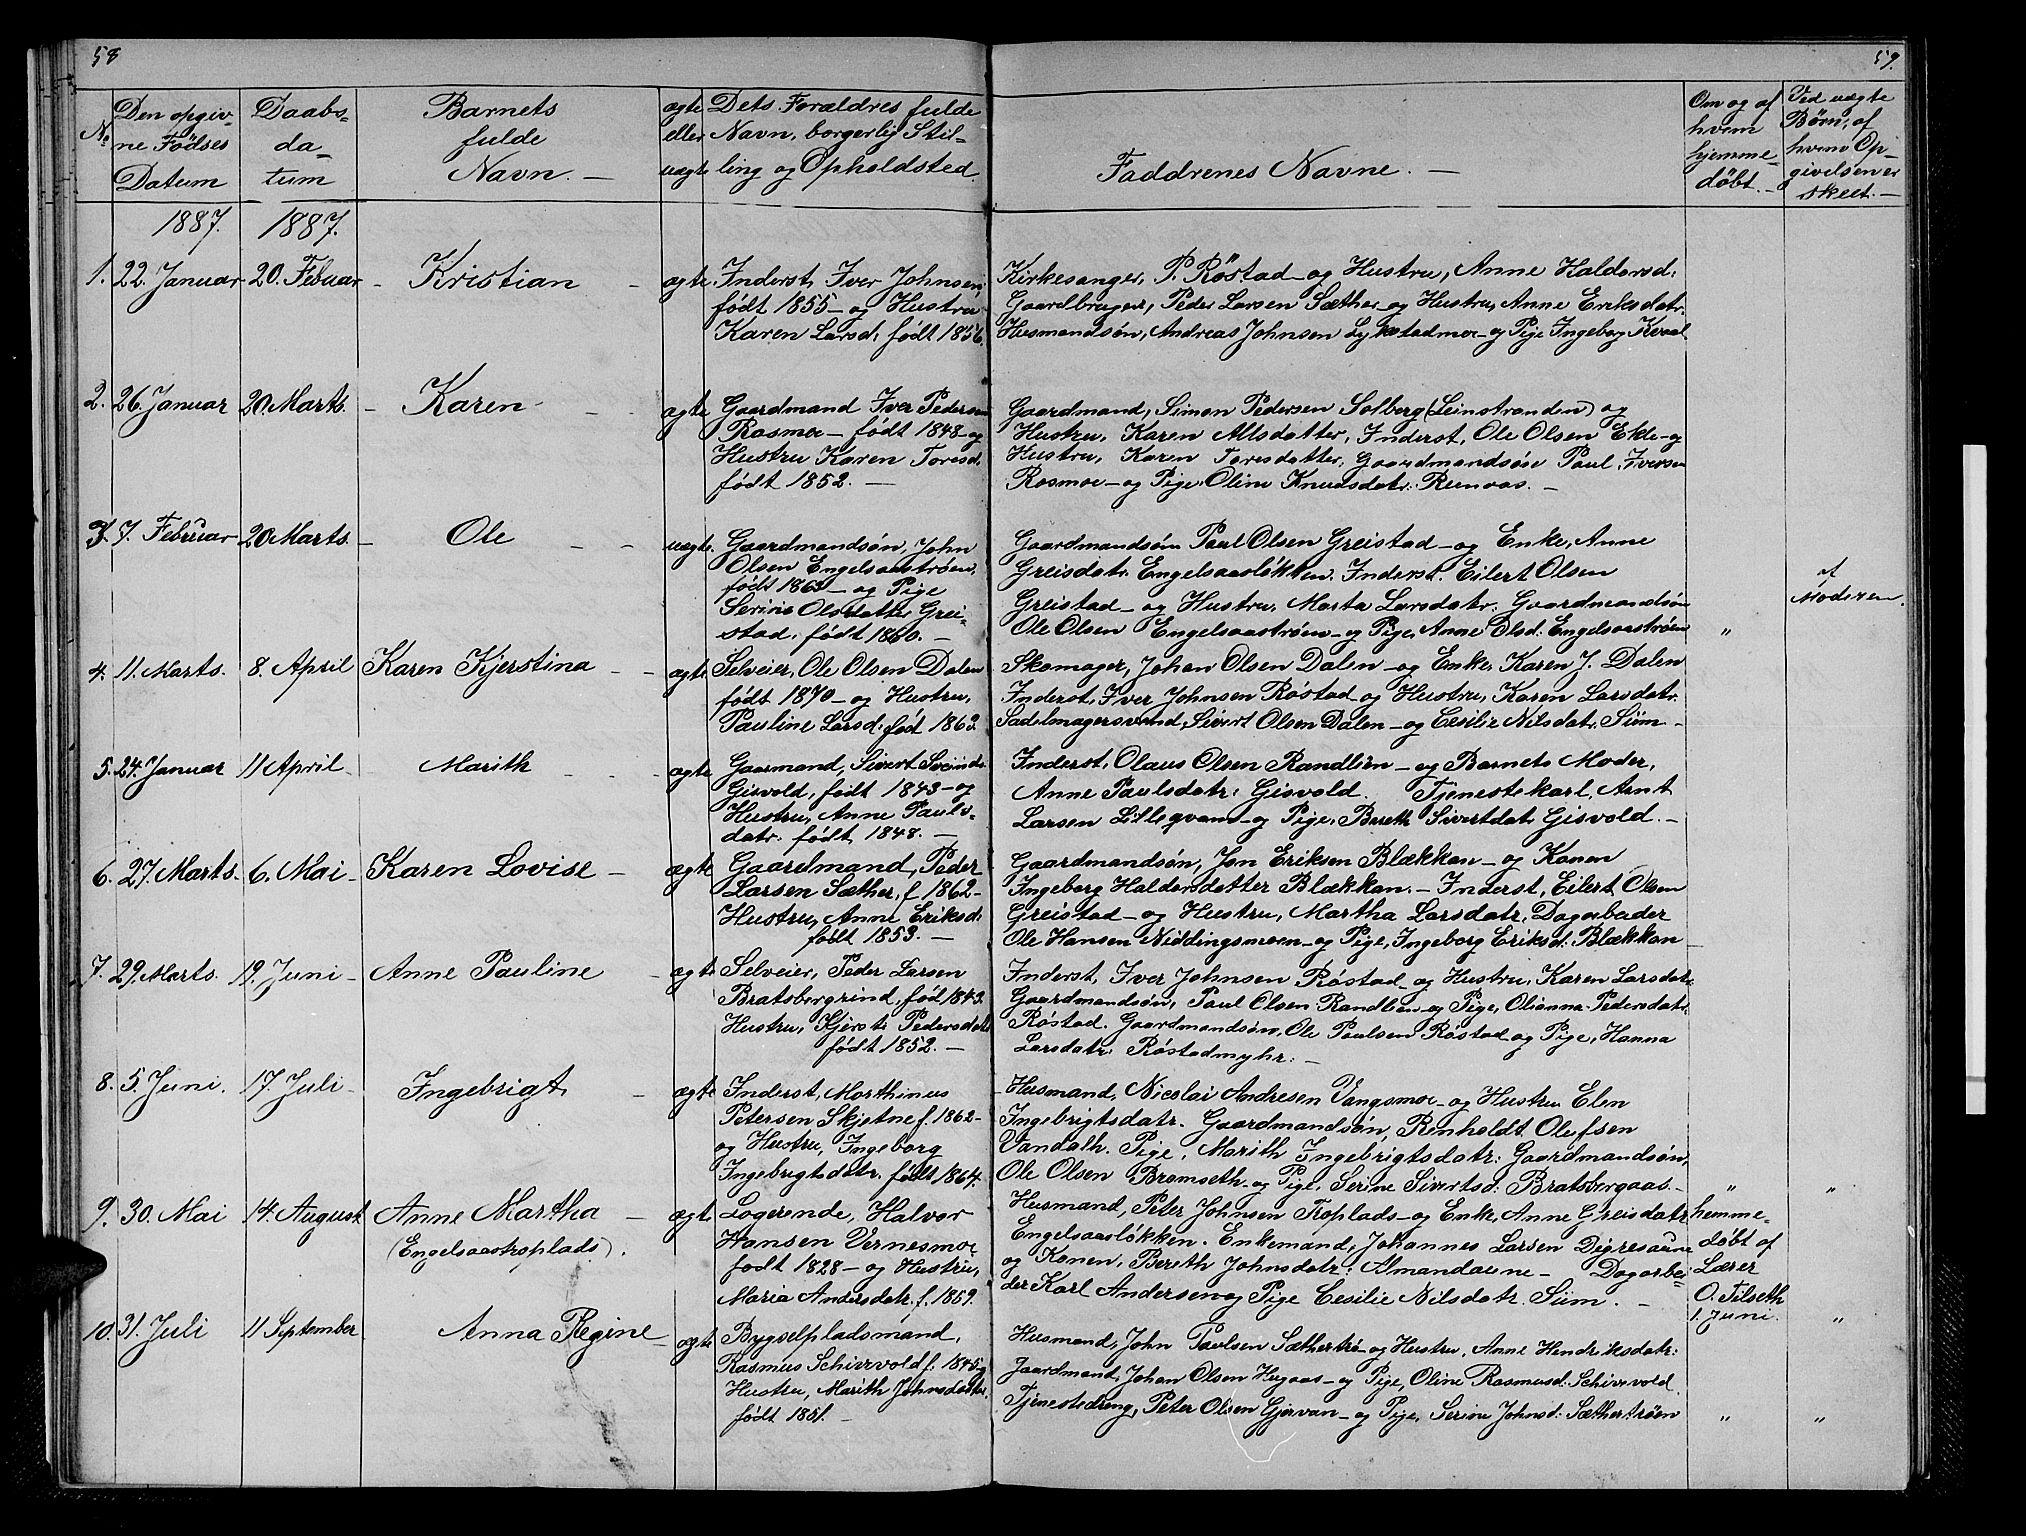 SAT, Ministerialprotokoller, klokkerbøker og fødselsregistre - Sør-Trøndelag, 608/L0340: Klokkerbok nr. 608C06, 1864-1889, s. 58-59